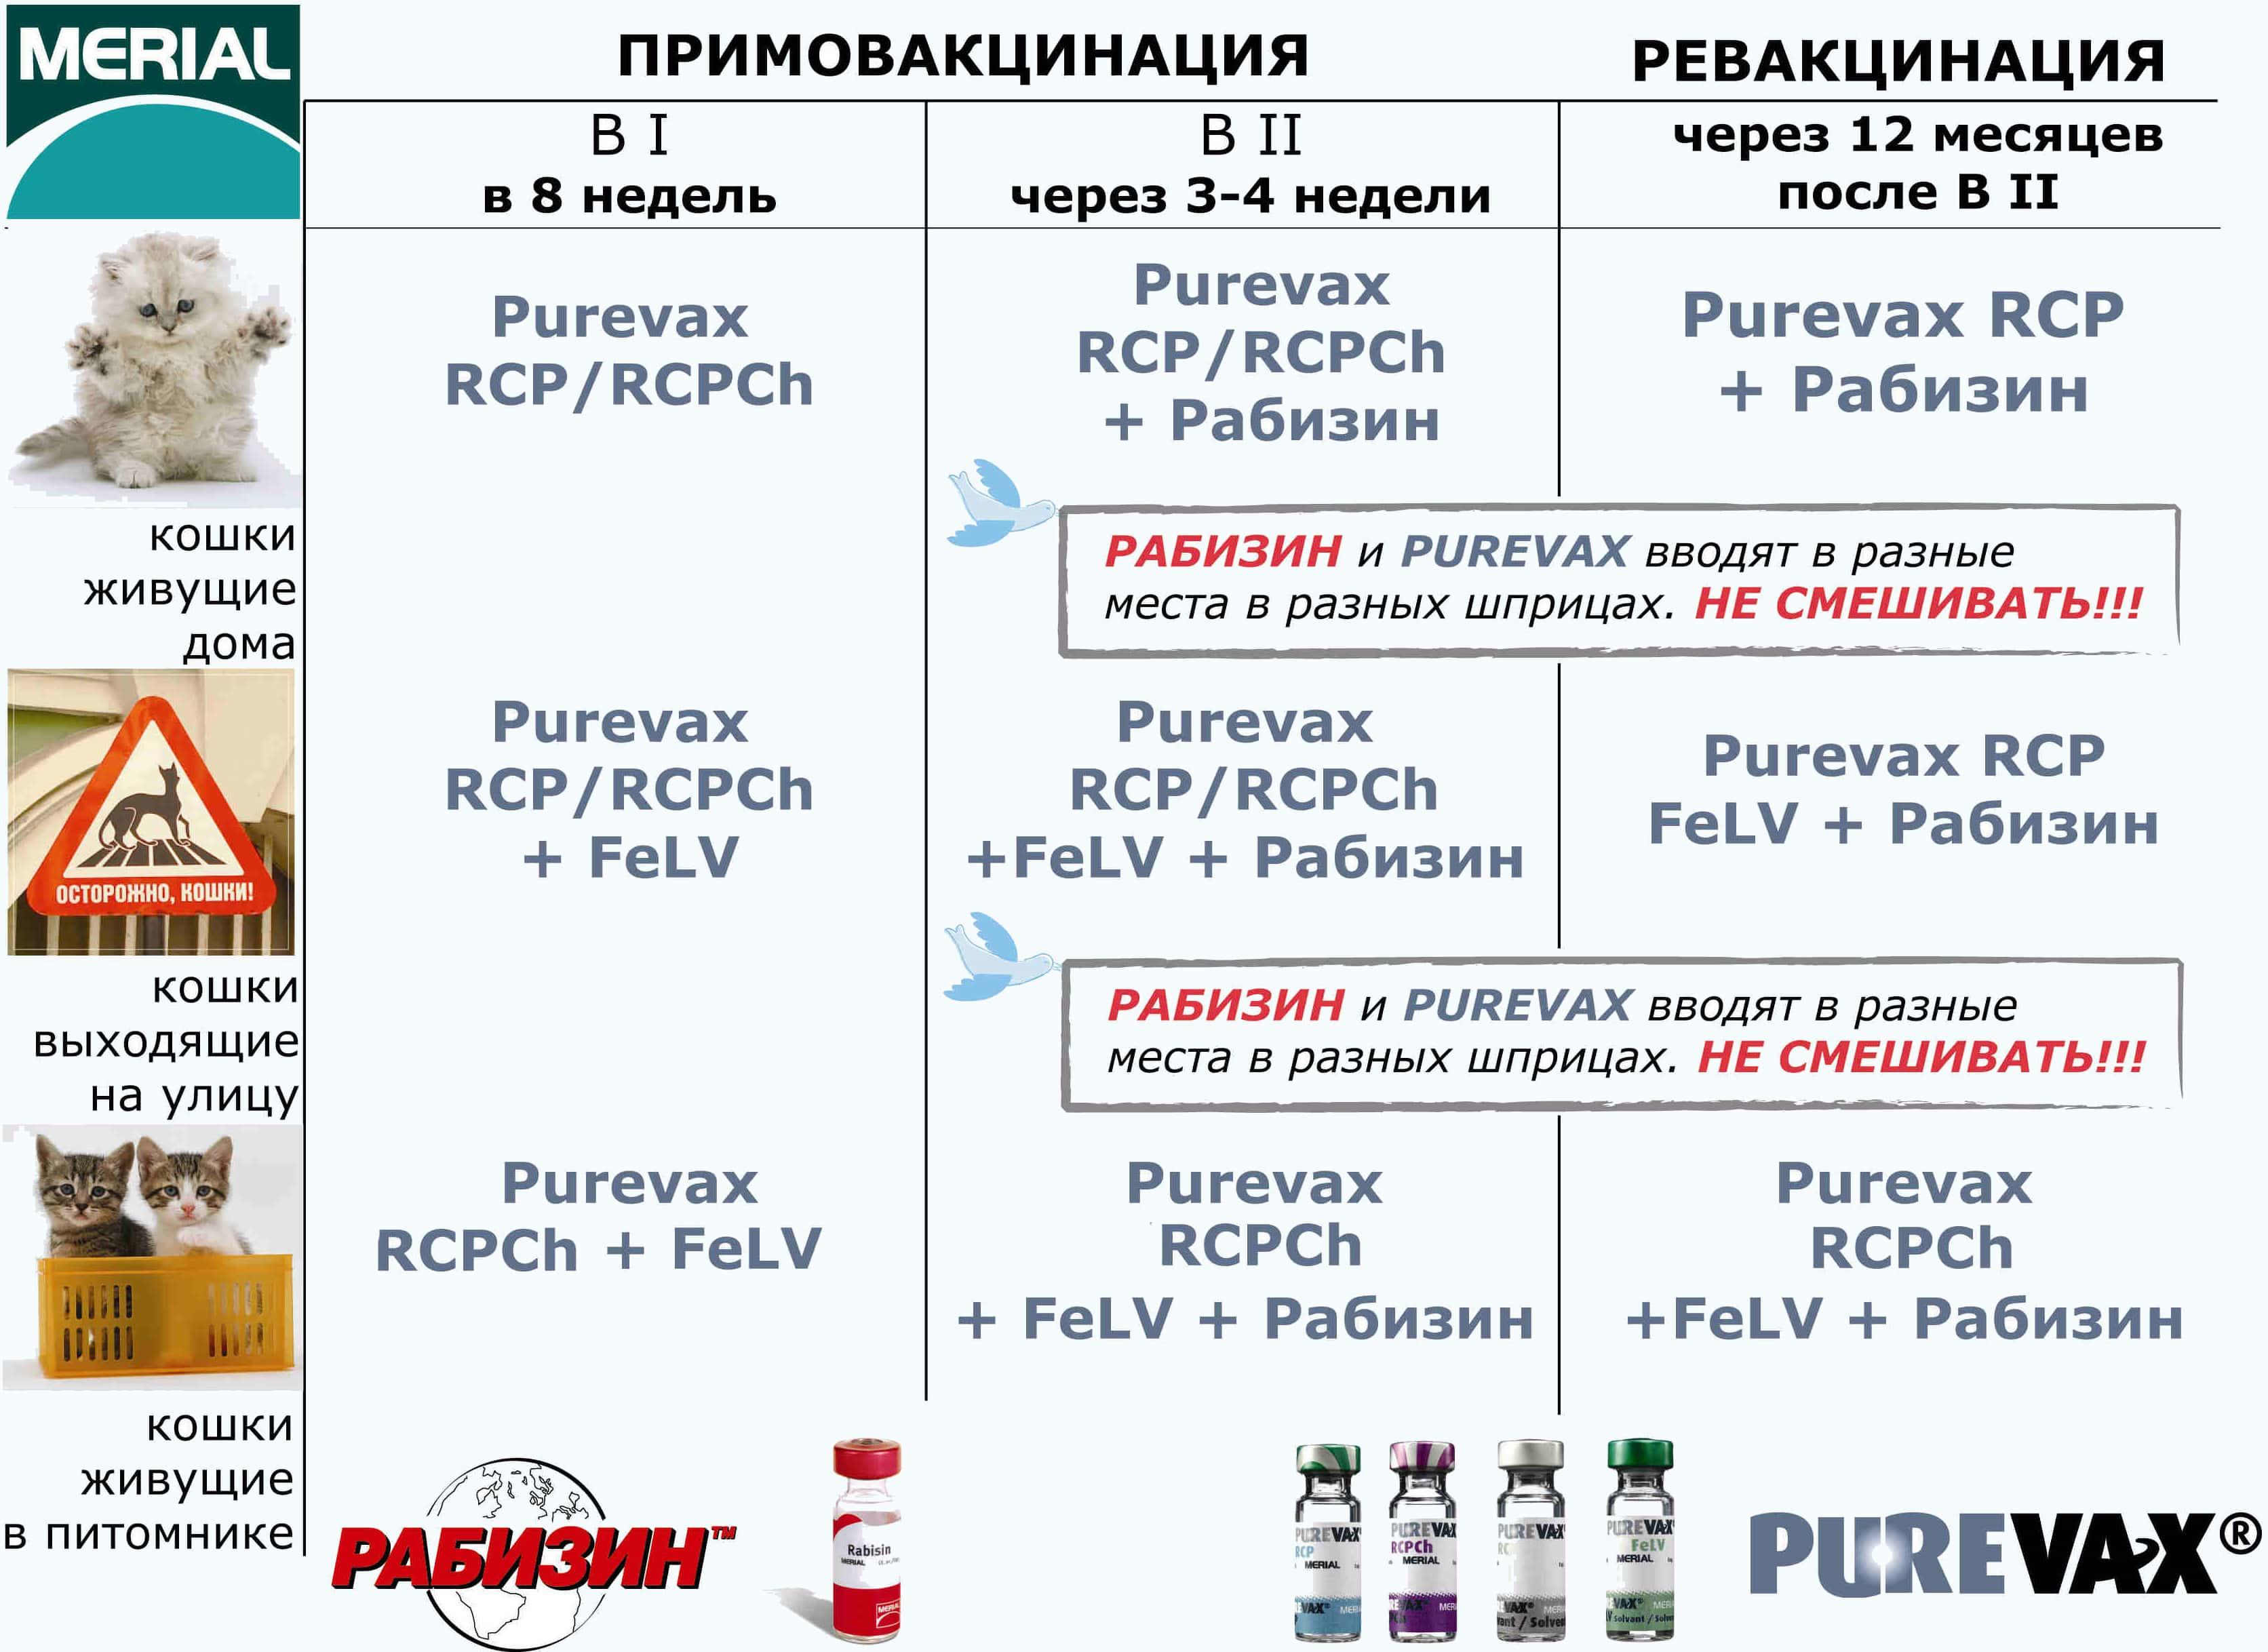 Свойства и применение вакцины пуревакс для кошек